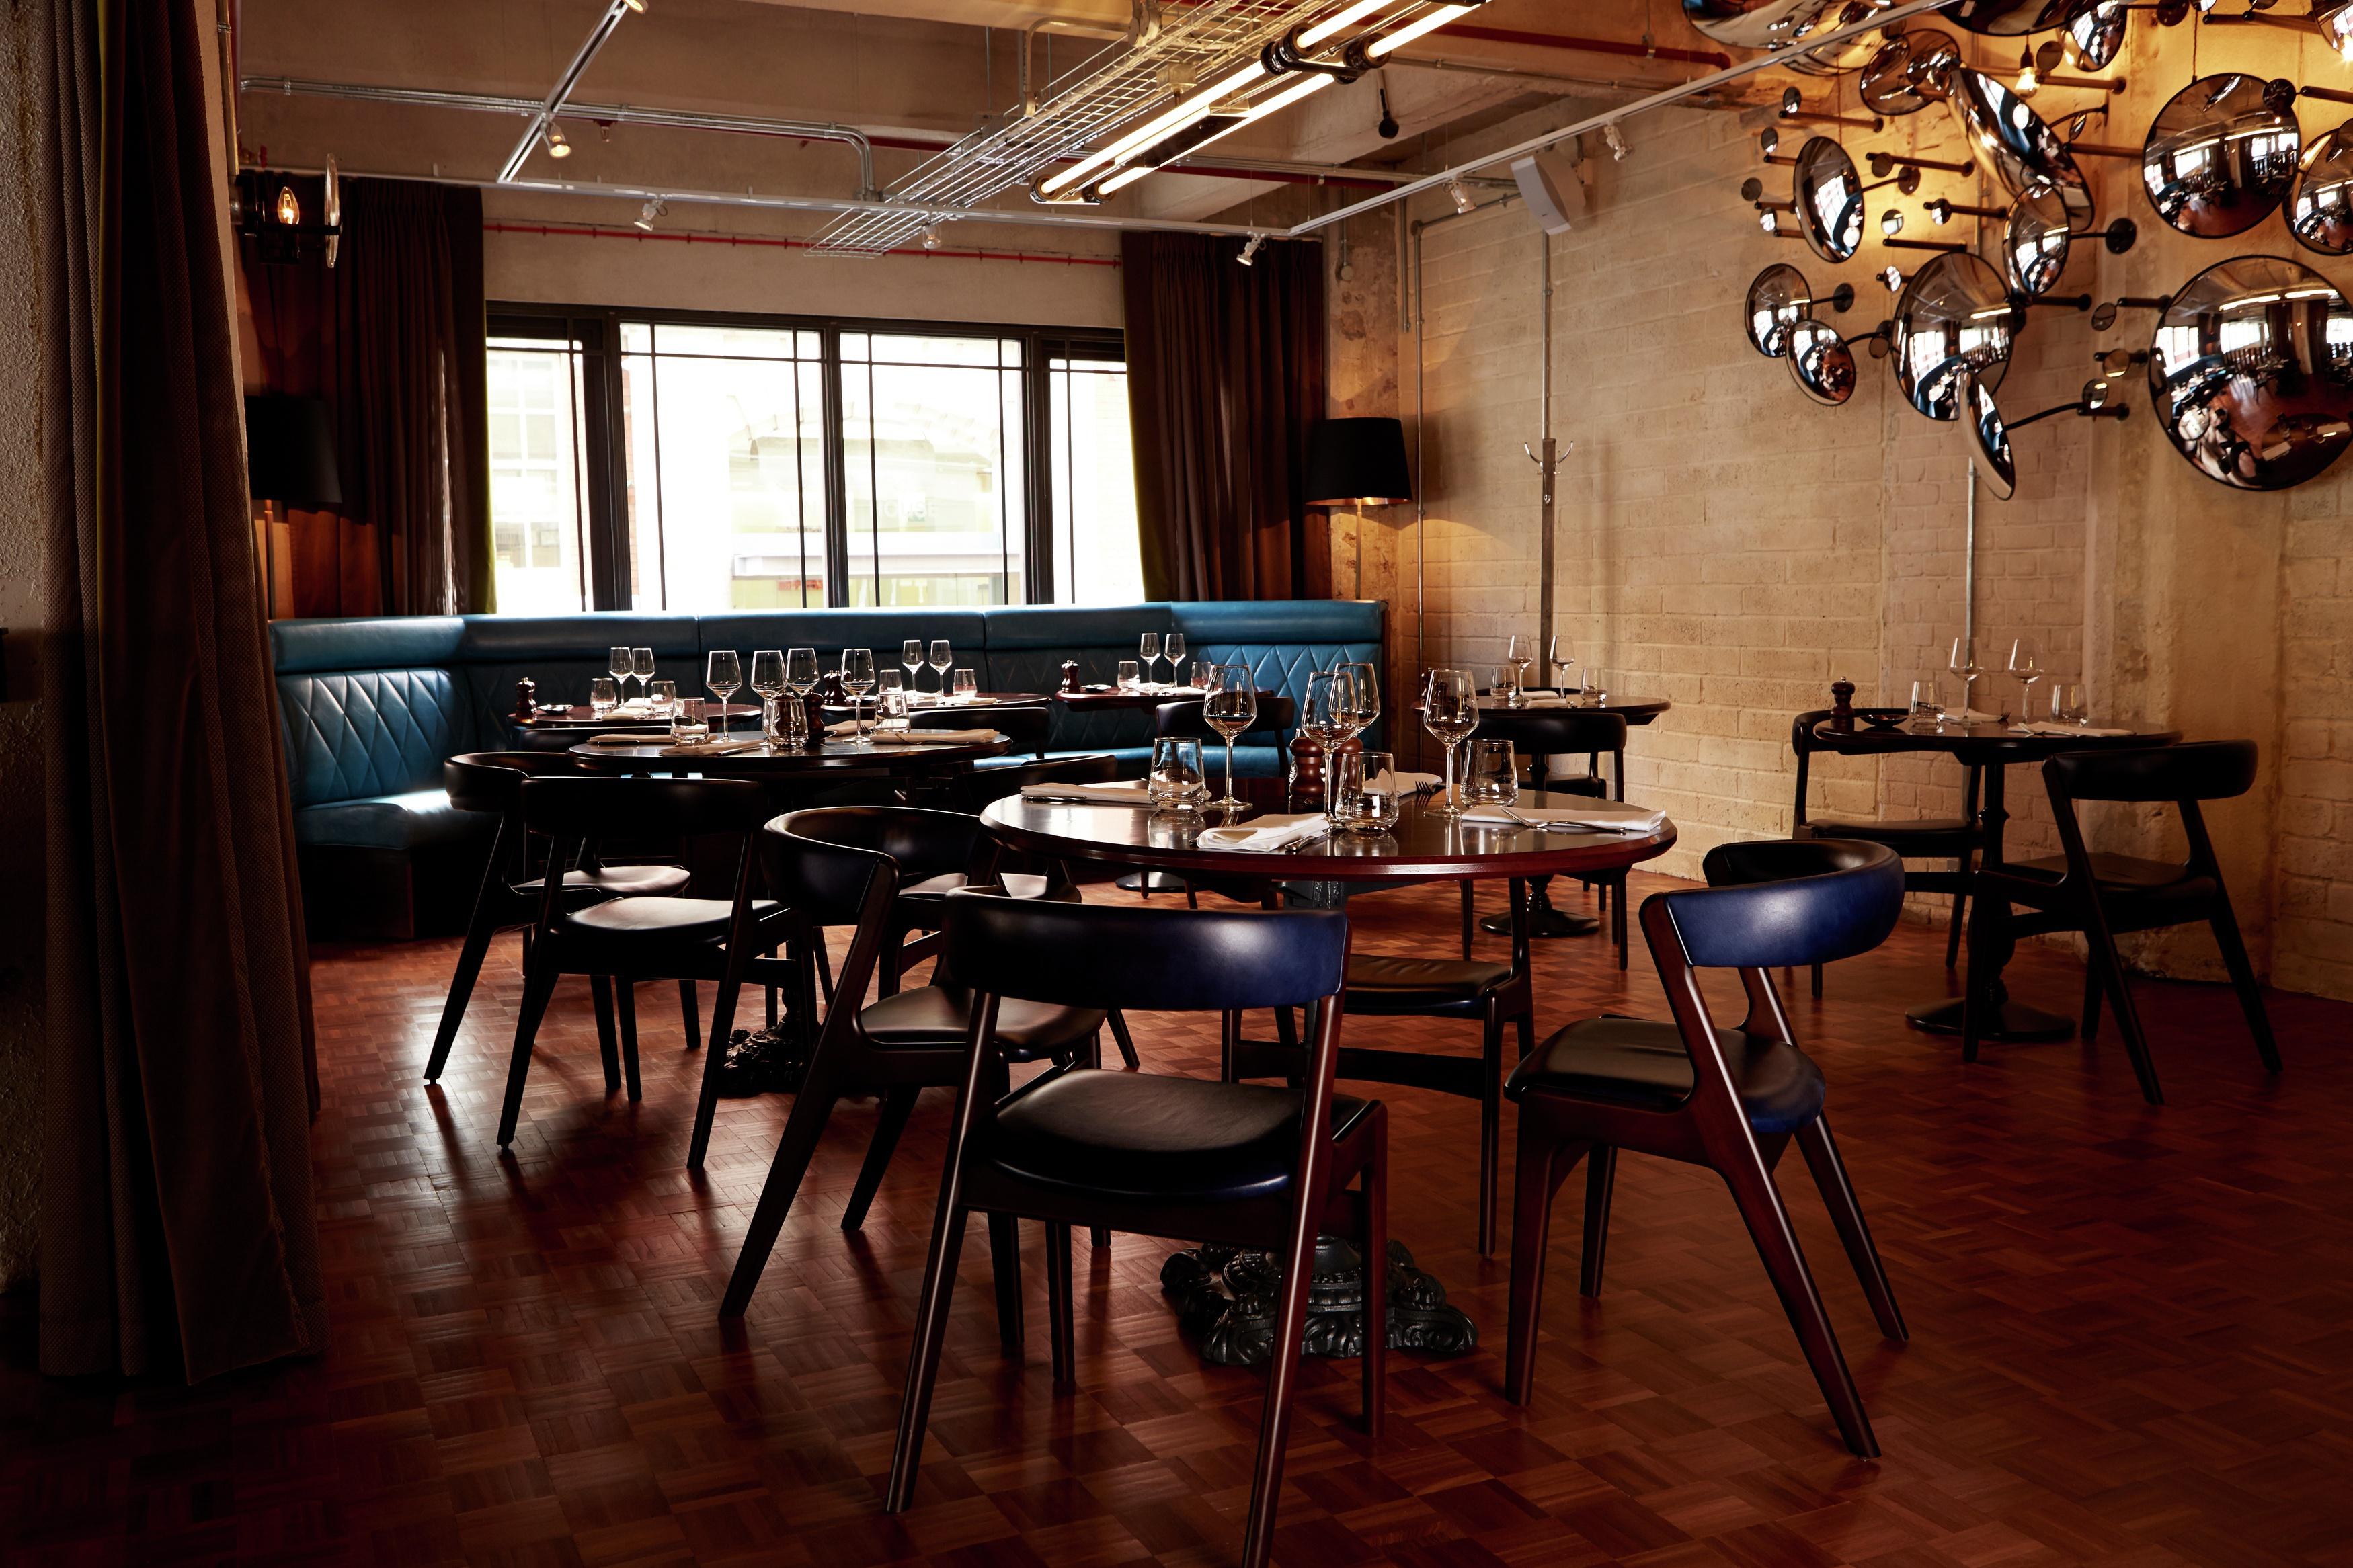 Best restaurants for birthday dinners in London - Best restaurants ...